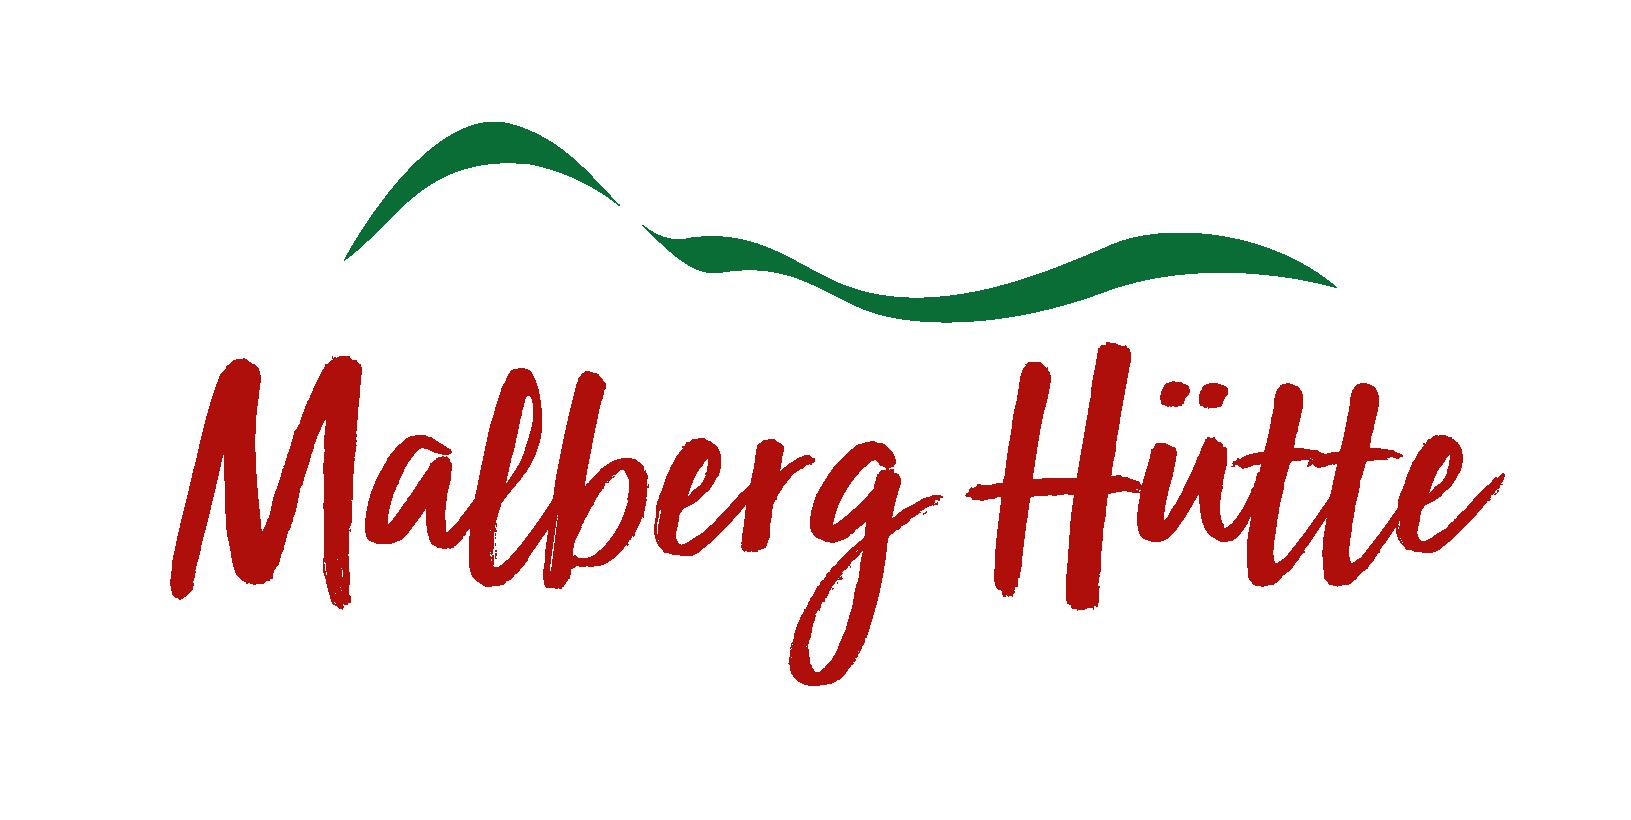 Malberg Hütte